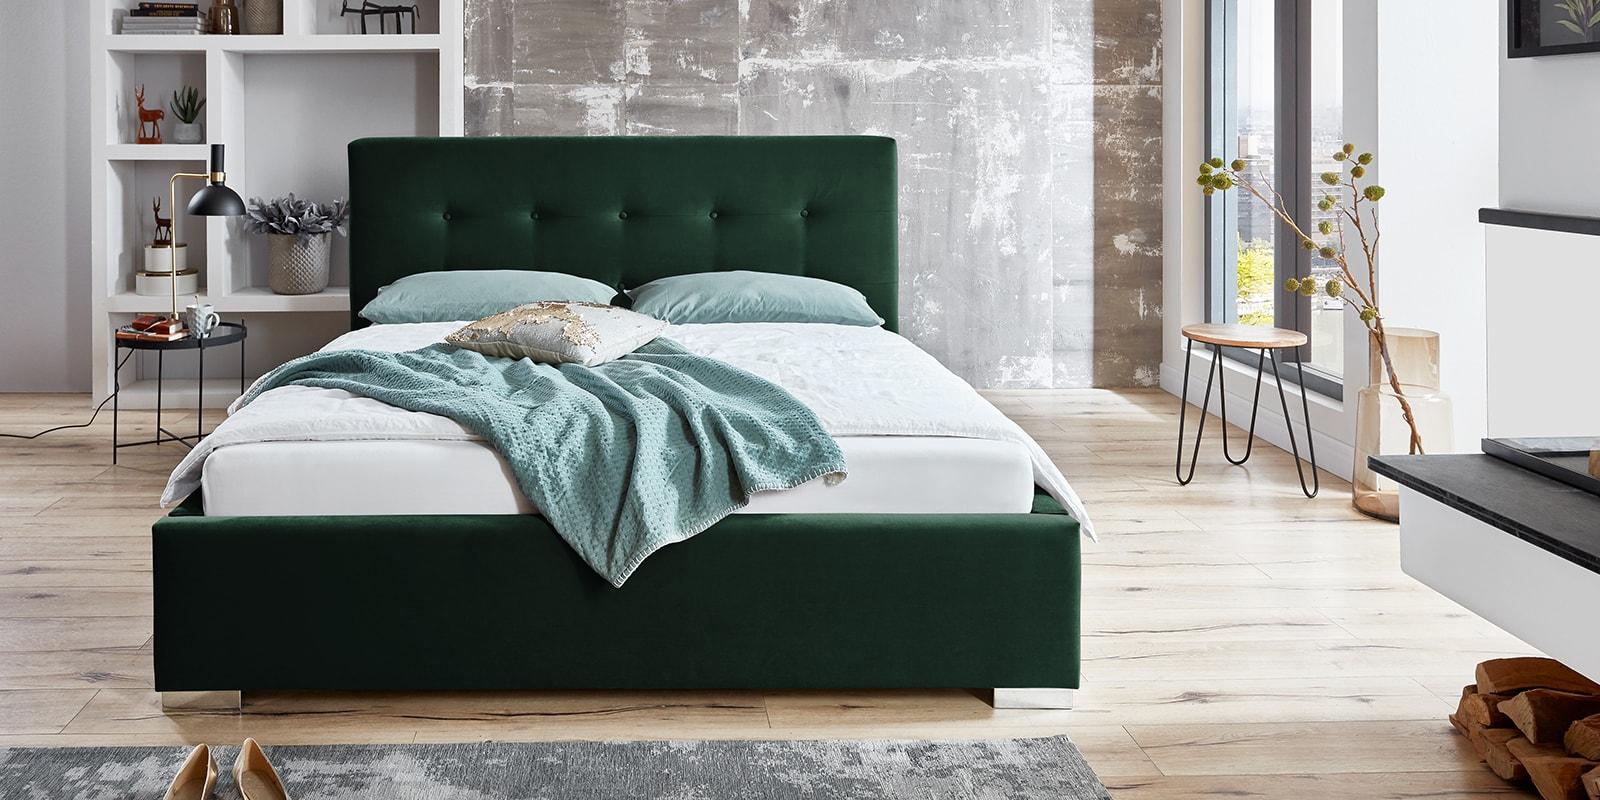 Moebella24 - Bett - mit - Bettkasten - Betty - Samt - Smaragd - Stauraum - Kopfteil - mit - Knopfheftung - Frontal